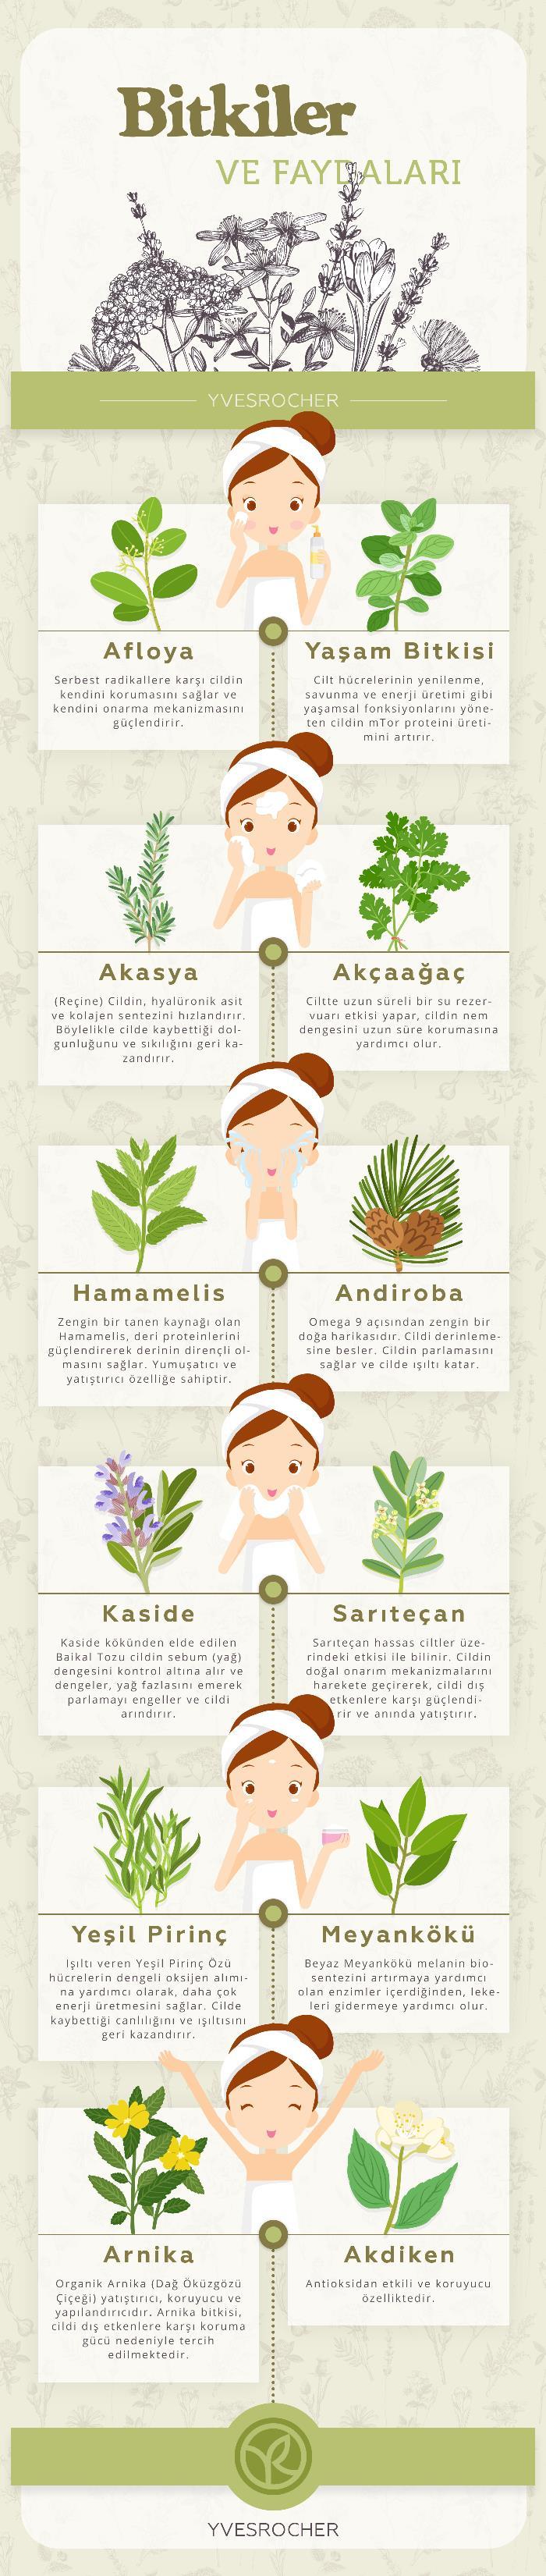 yves rocher bitkiler ve faydaları